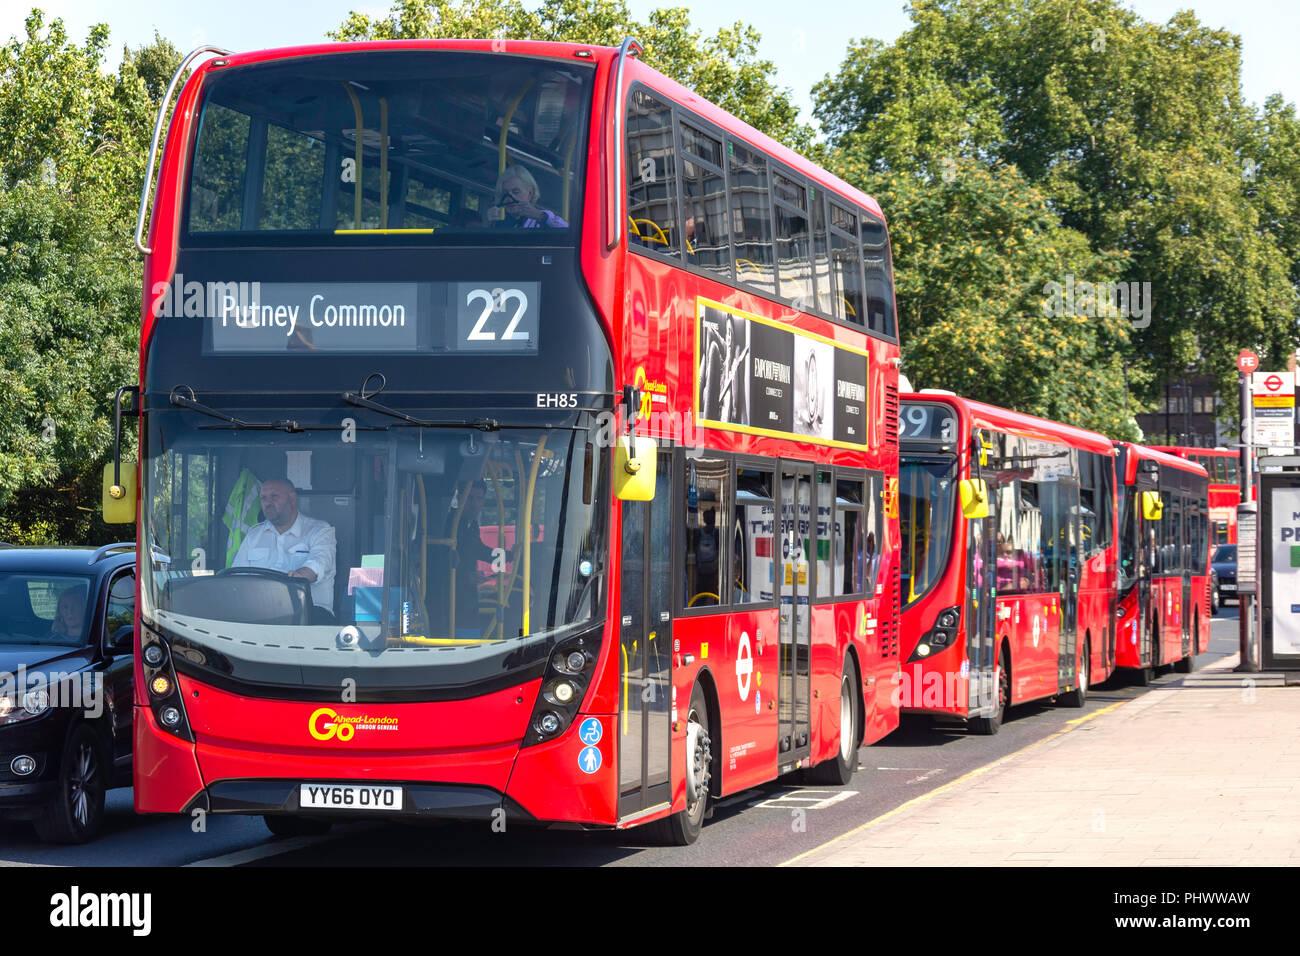 Los autobuses de dos pisos en Putney Bridge, Putney, distrito londinense de Wandsworth, Greater London, England, Reino Unido Imagen De Stock